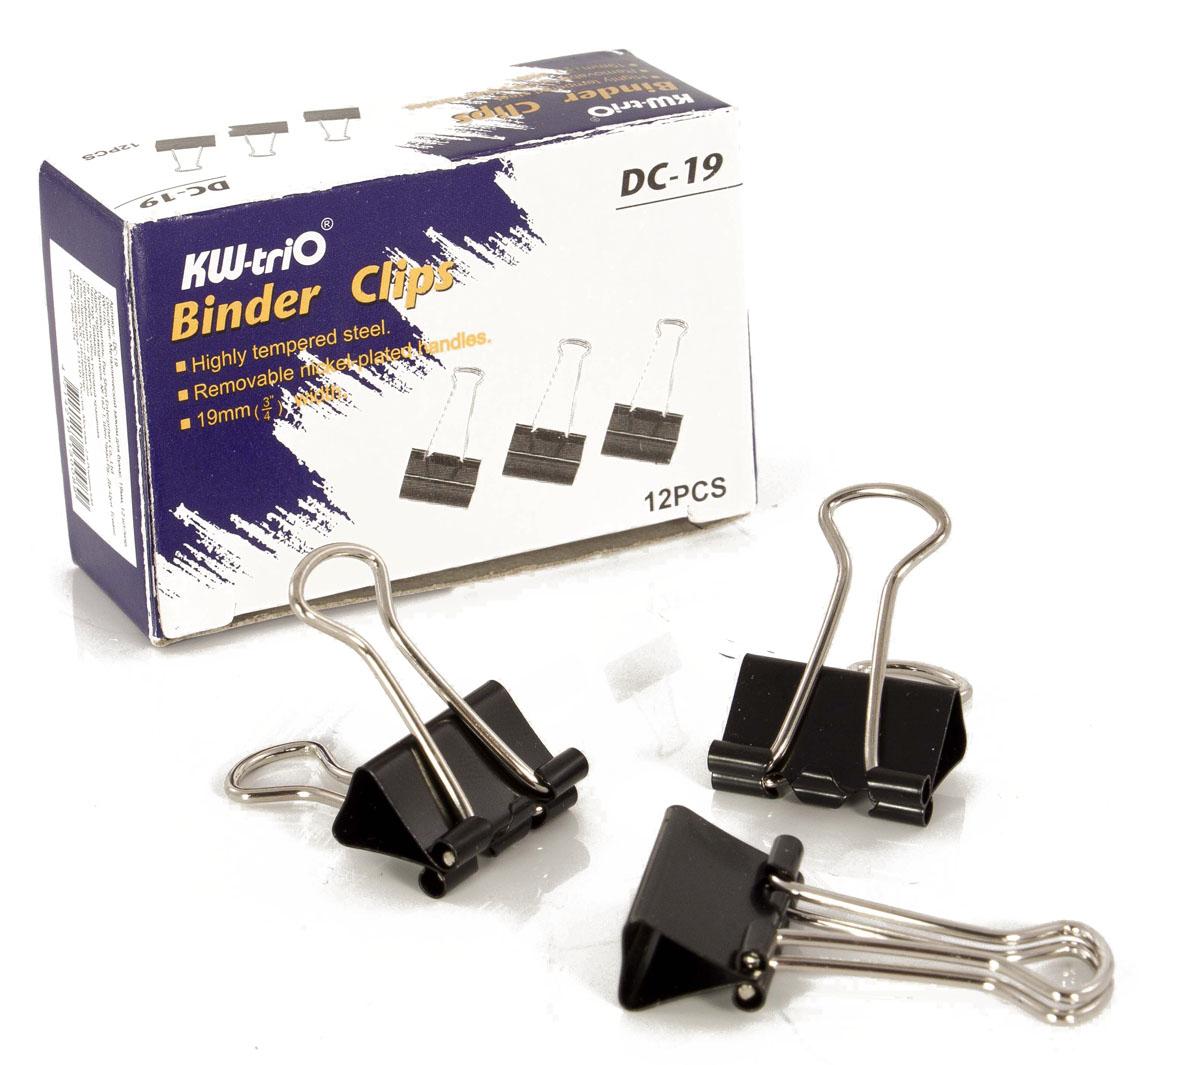 KW-Тrio Зажим для бумаг цвет черный 19 мм 12 штDC-19Зажим для бумаг KW-Тrio предназначен для скрепления бумажных носителей. Зажим выполнен из металла.В упаковке 12 зажимов черного цвета. Они надежно и легко скрепляют, не деформируют бумагу, не оставляют на ней следов.